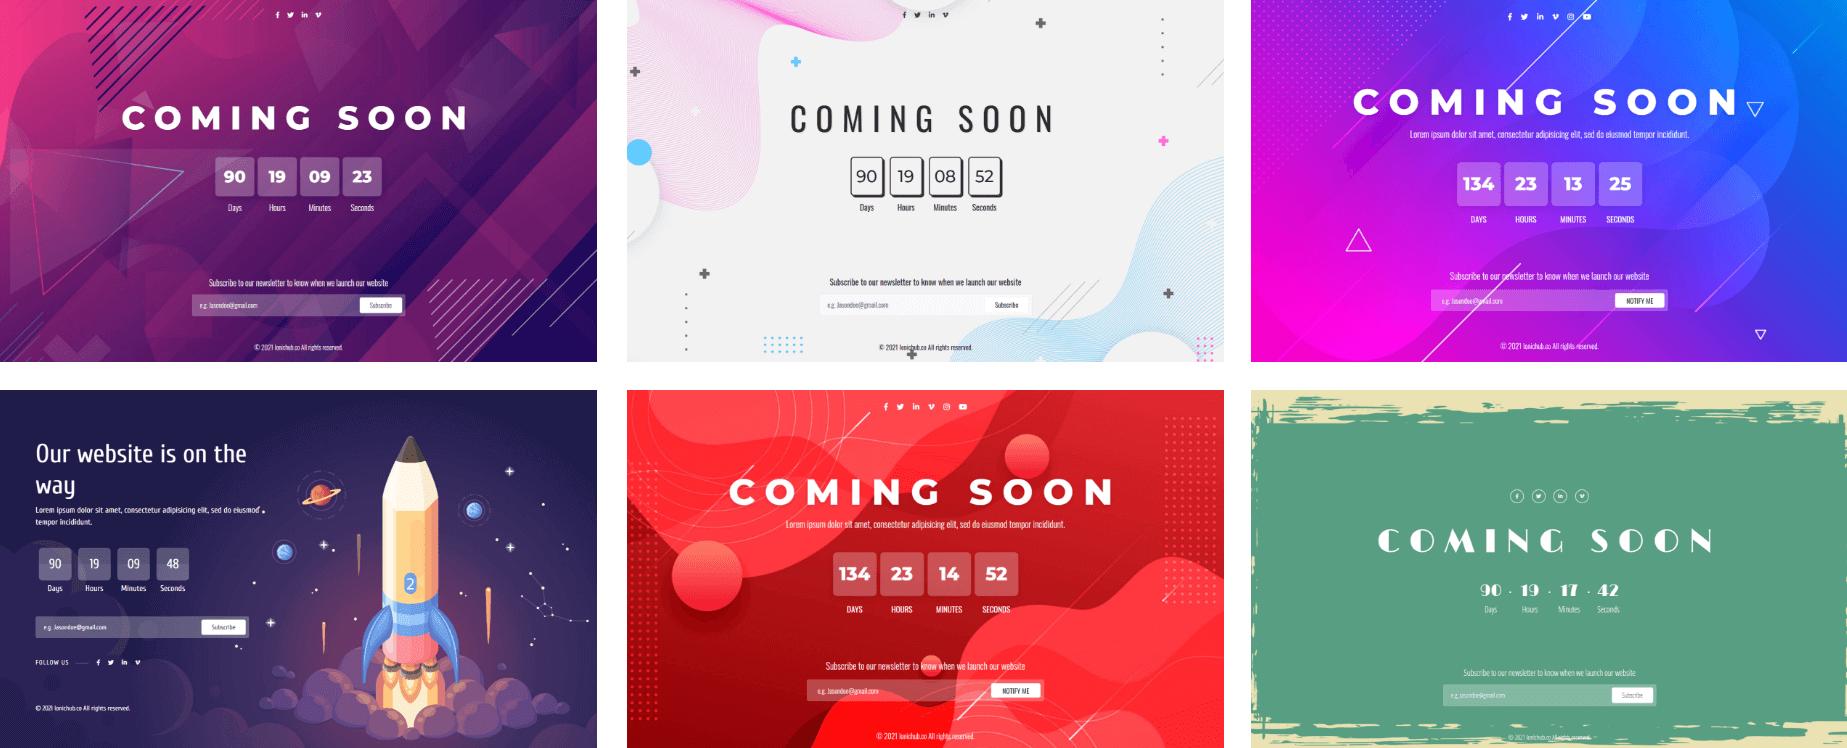 Compteur ionique - Laravel Coming Soon Page avec panneau d'administration - 4